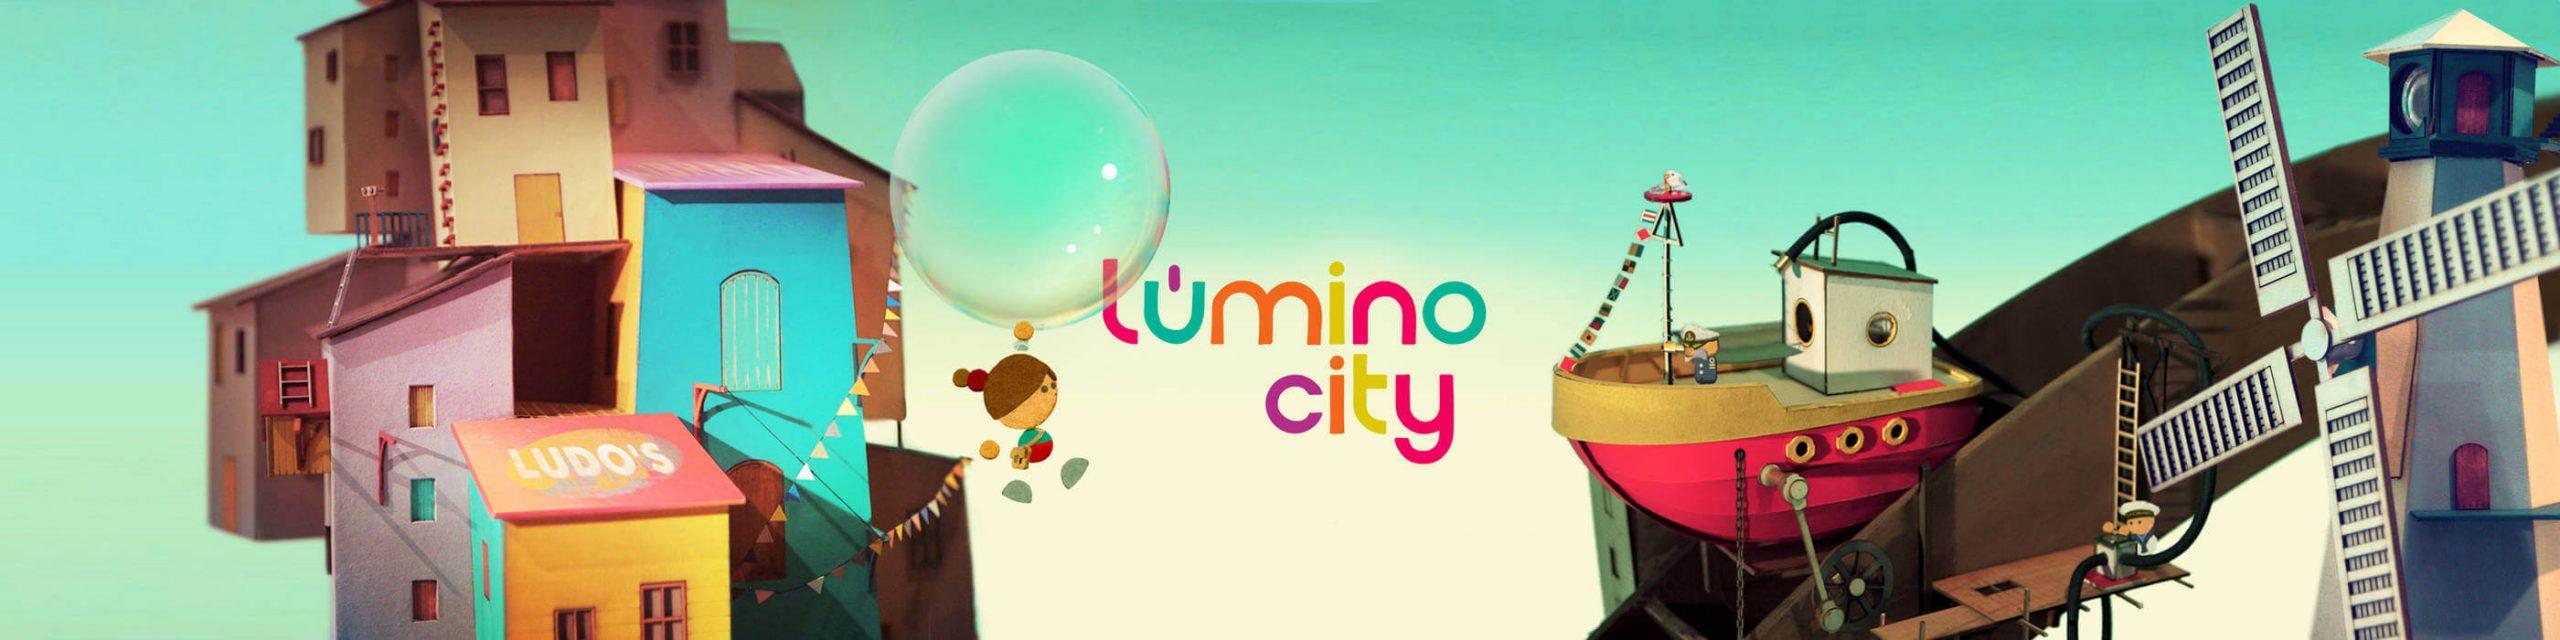 [已购]Lumino City-草蜢资源